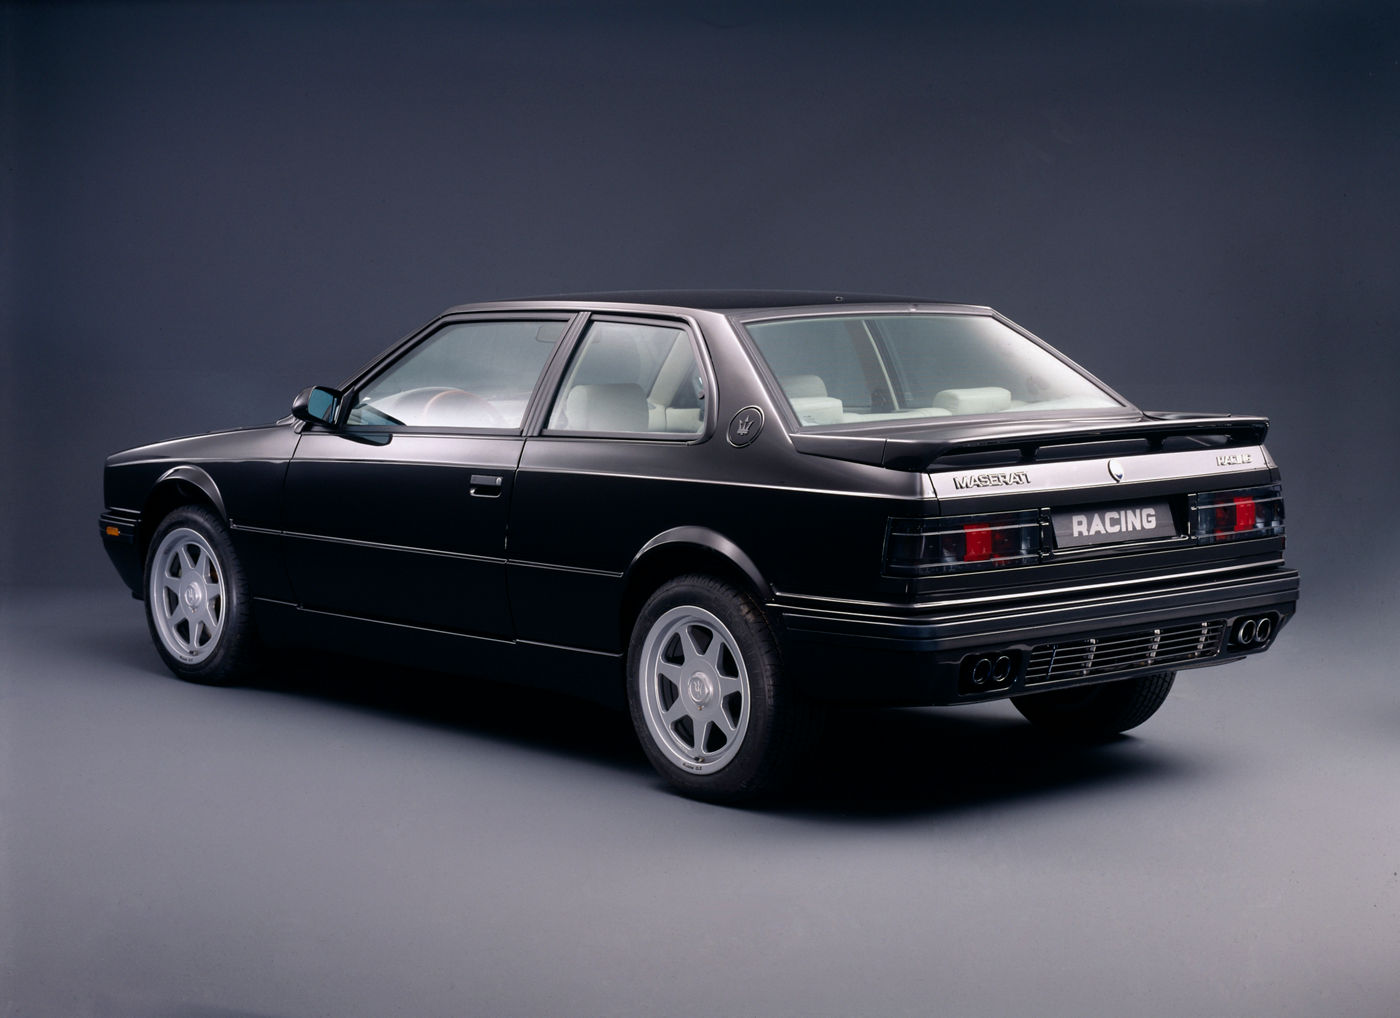 Maserati Classic - Biturbo Racing - carrosserie noire -vue latérale postérieure